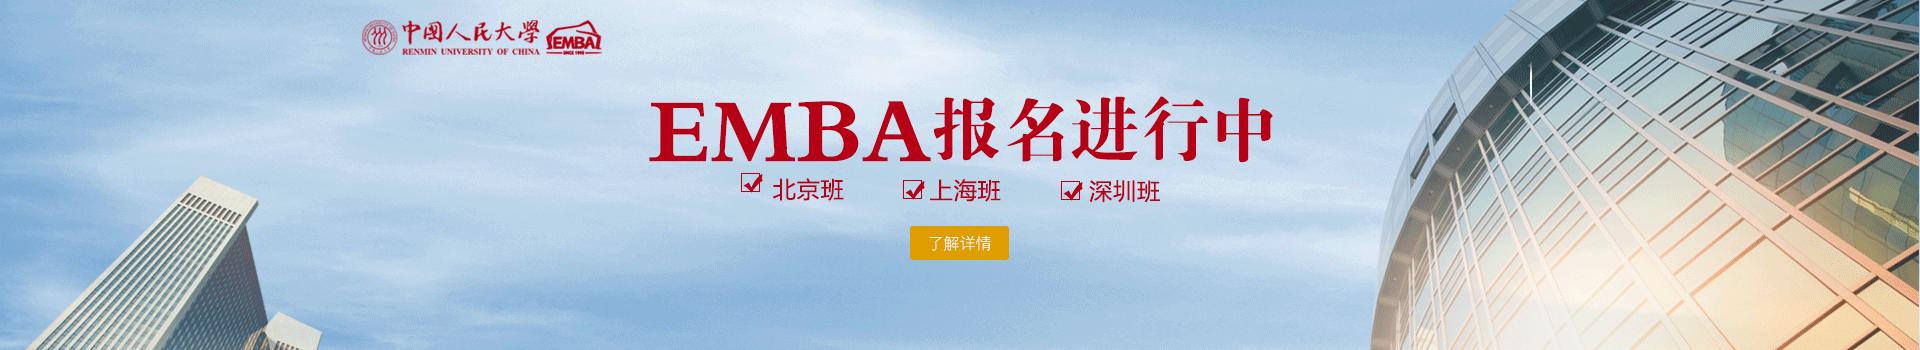 中国人民大学商学院EMBA(预录取班)招生简章